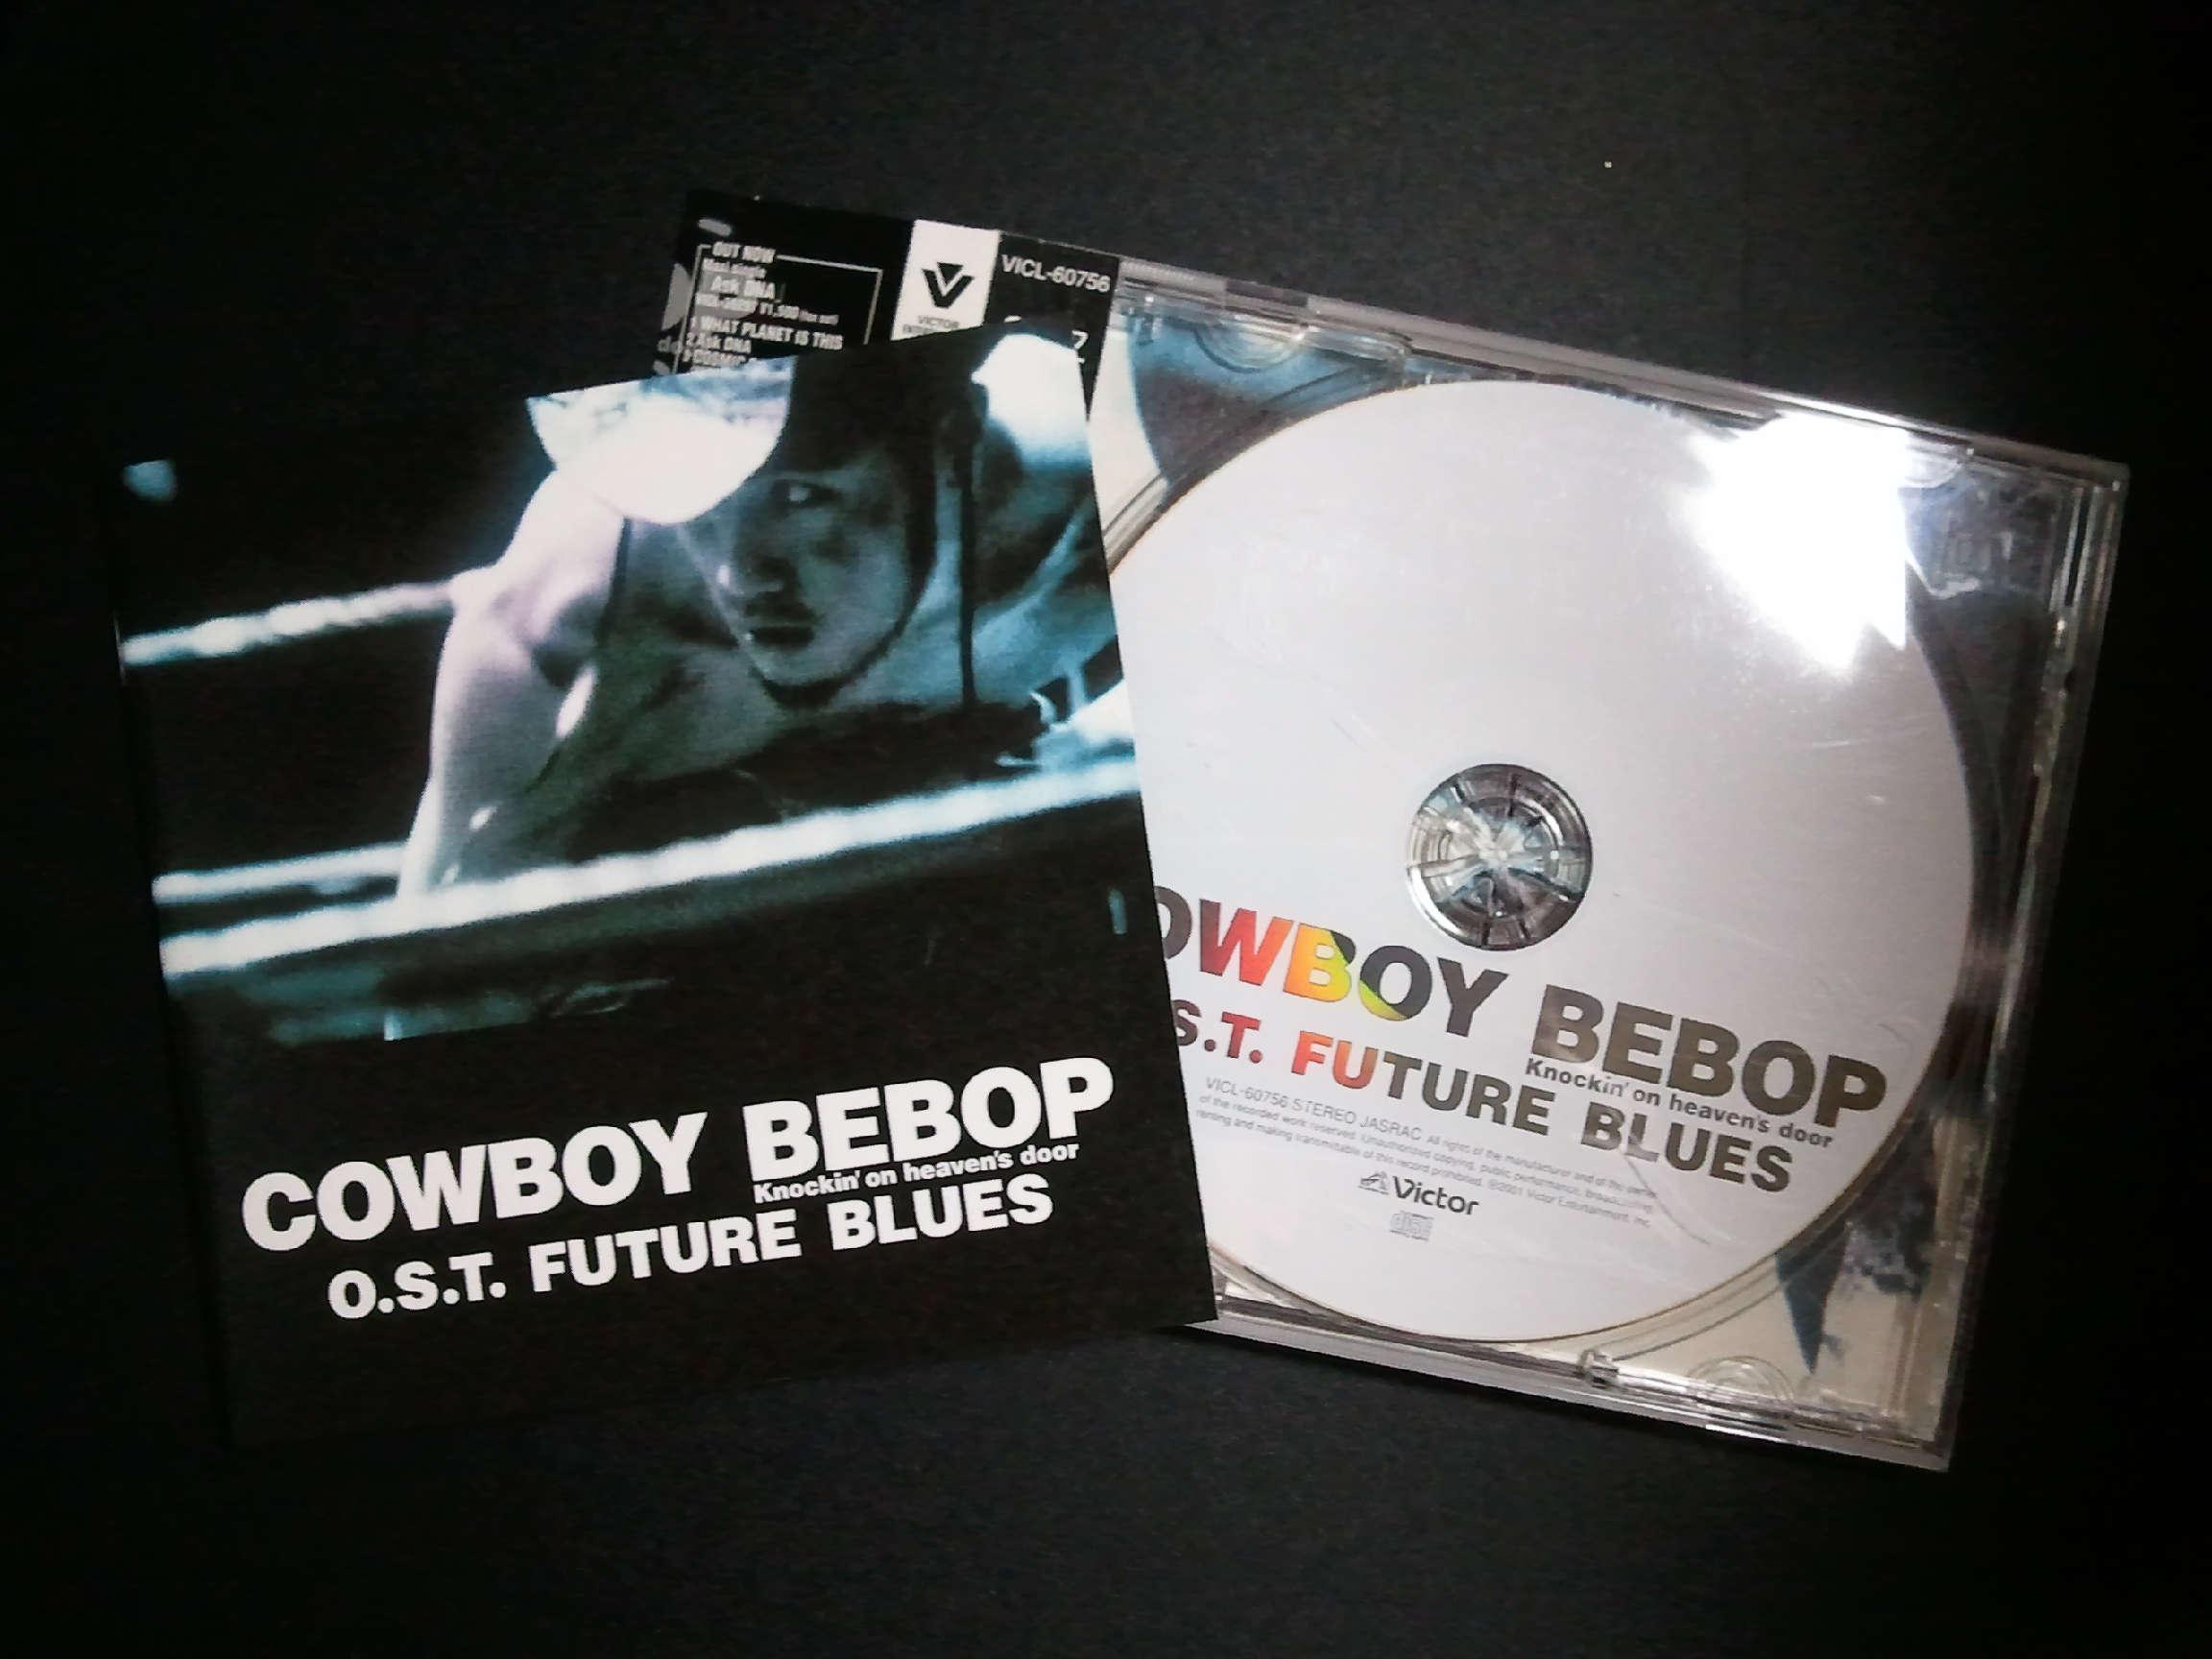 Cowboy Bebop Knockin' on heaven's door OST Future Blues